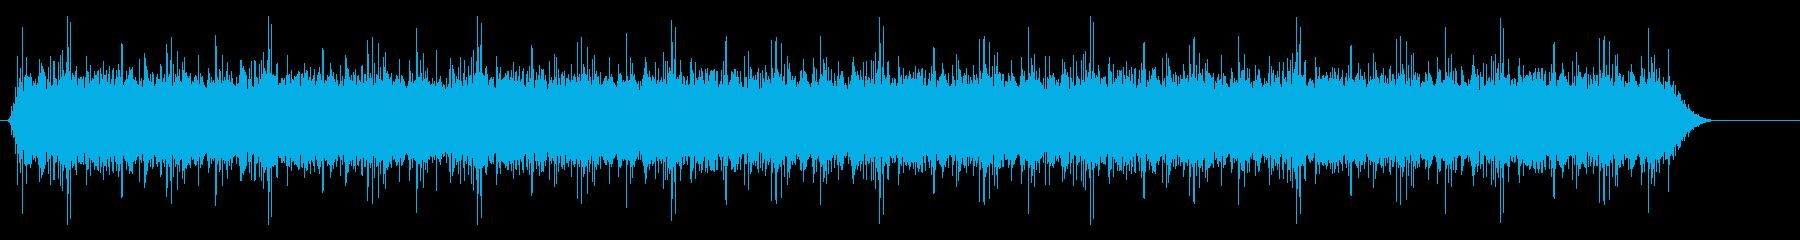 激しい雨/ザーッ/残響あり/約1分の再生済みの波形